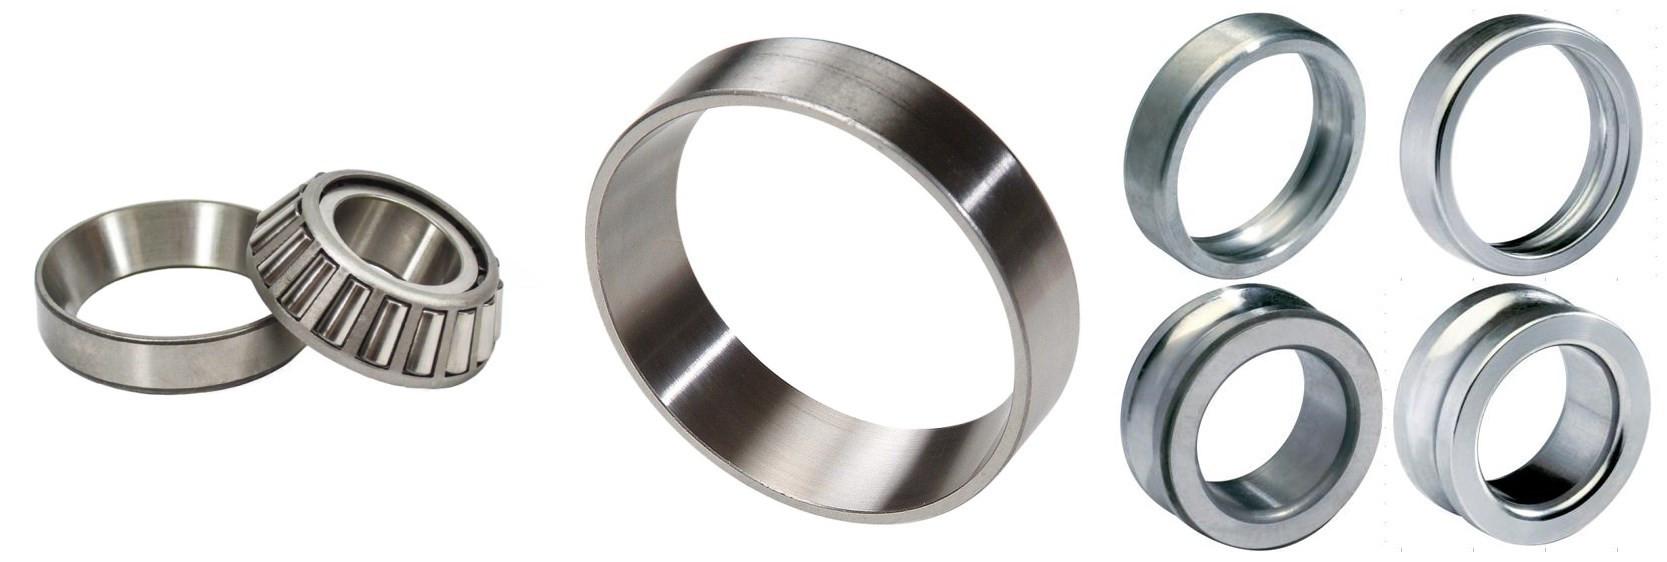 CNC Bearing Ring Lathe Machines